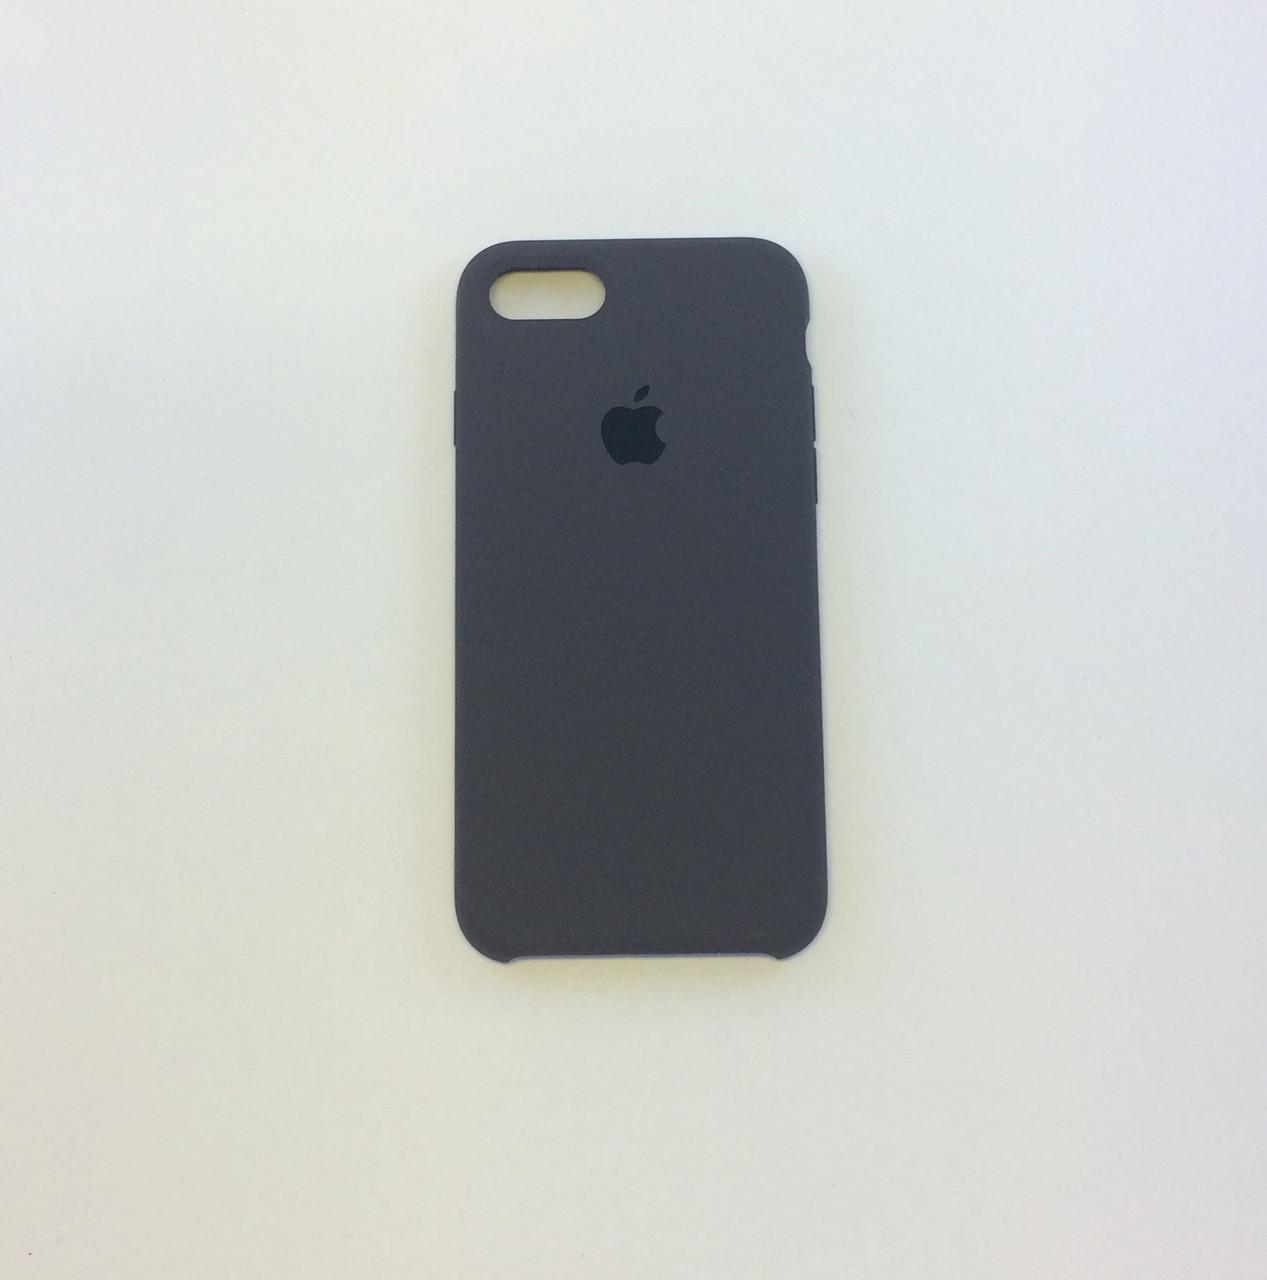 Силиконовый чехол iPhone 7, коричневый, copy original